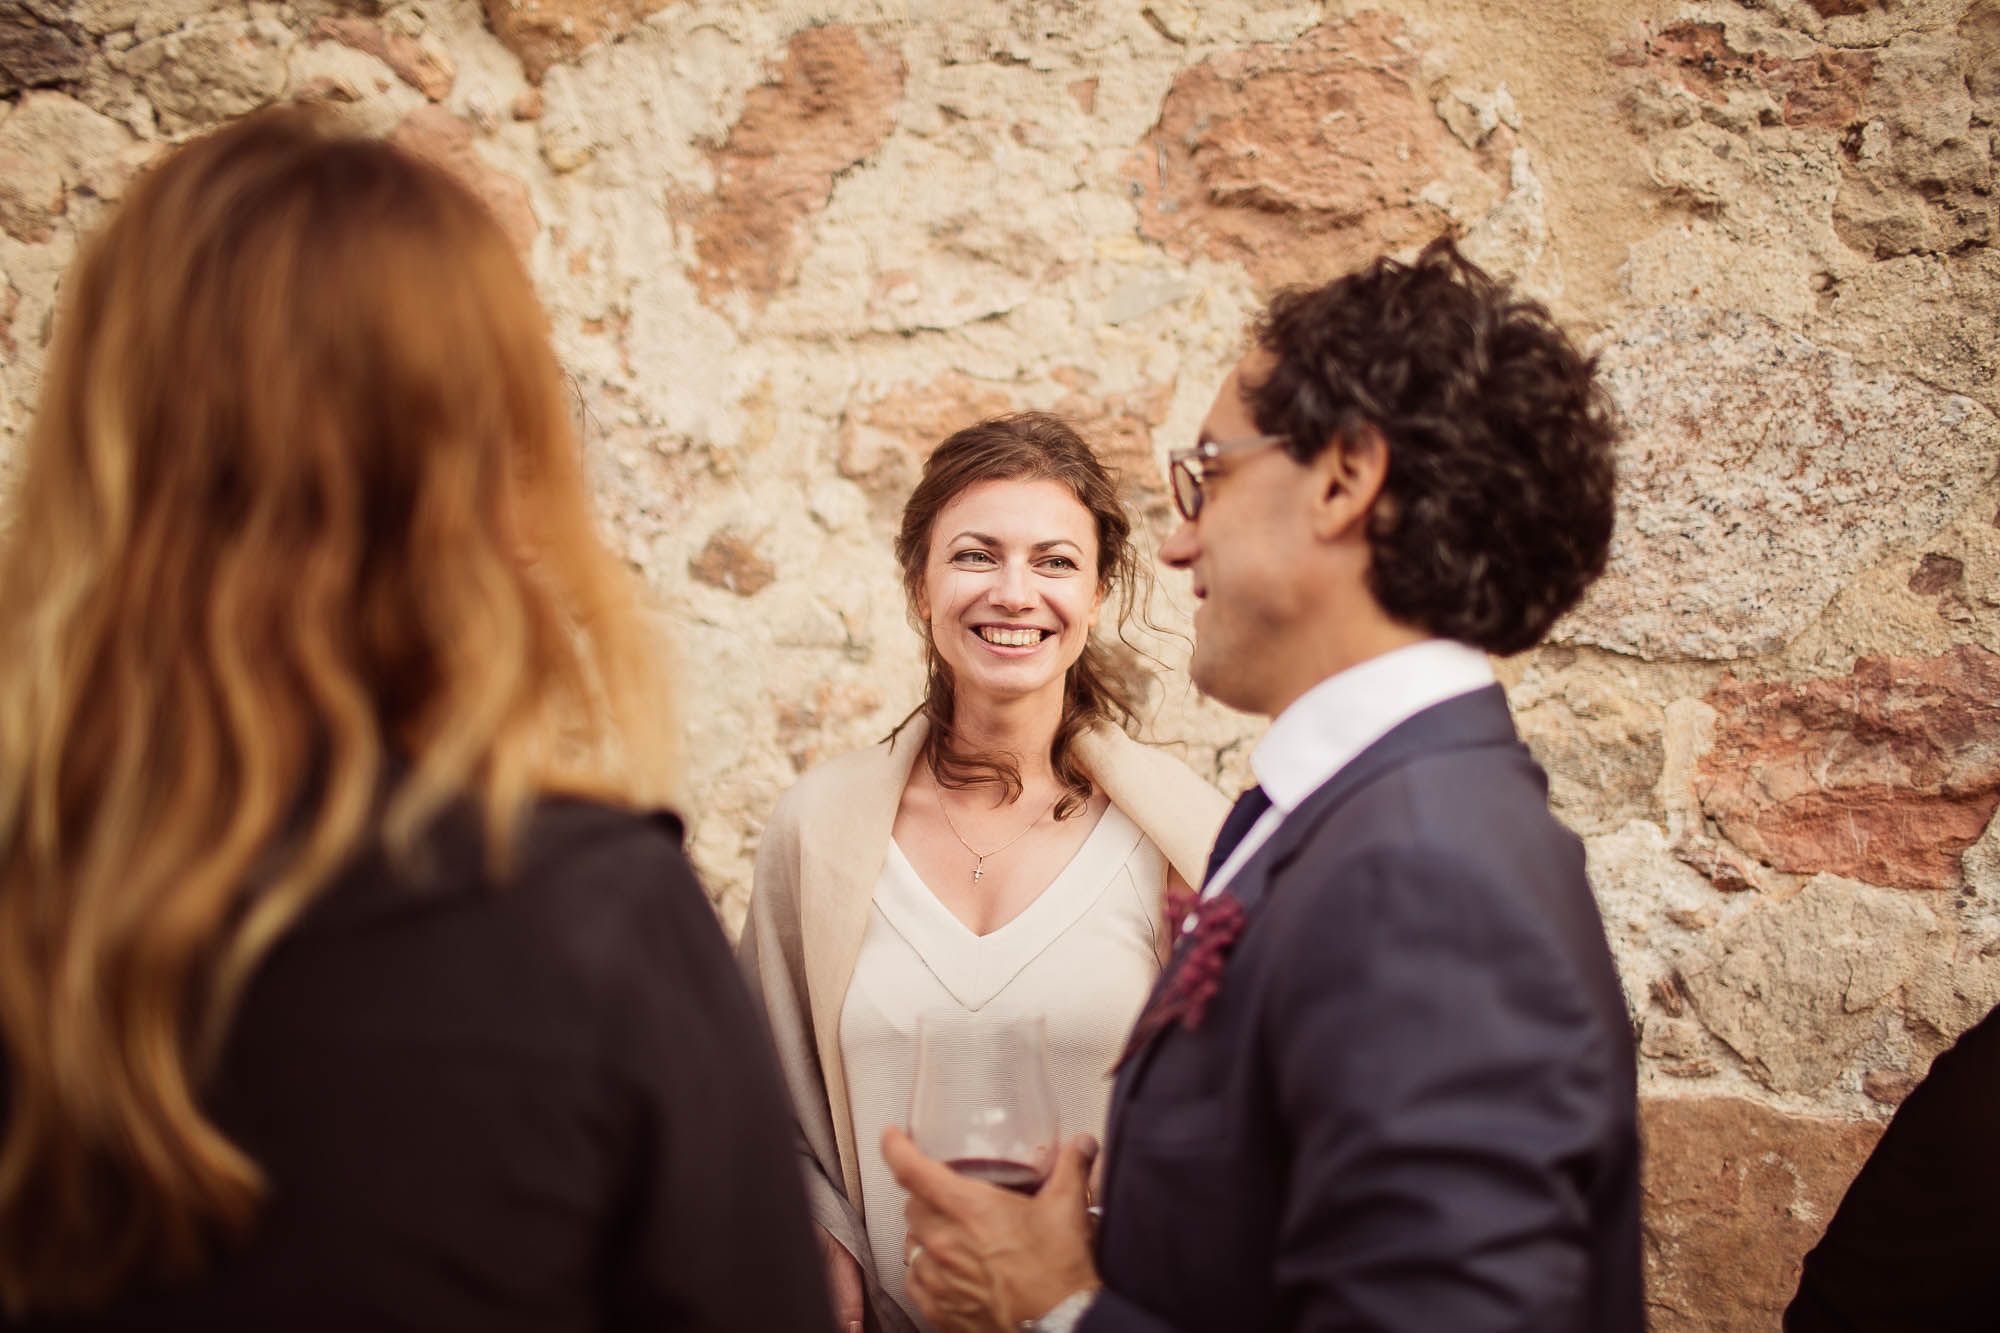 Invitada hablando con el novio durante el cóctel